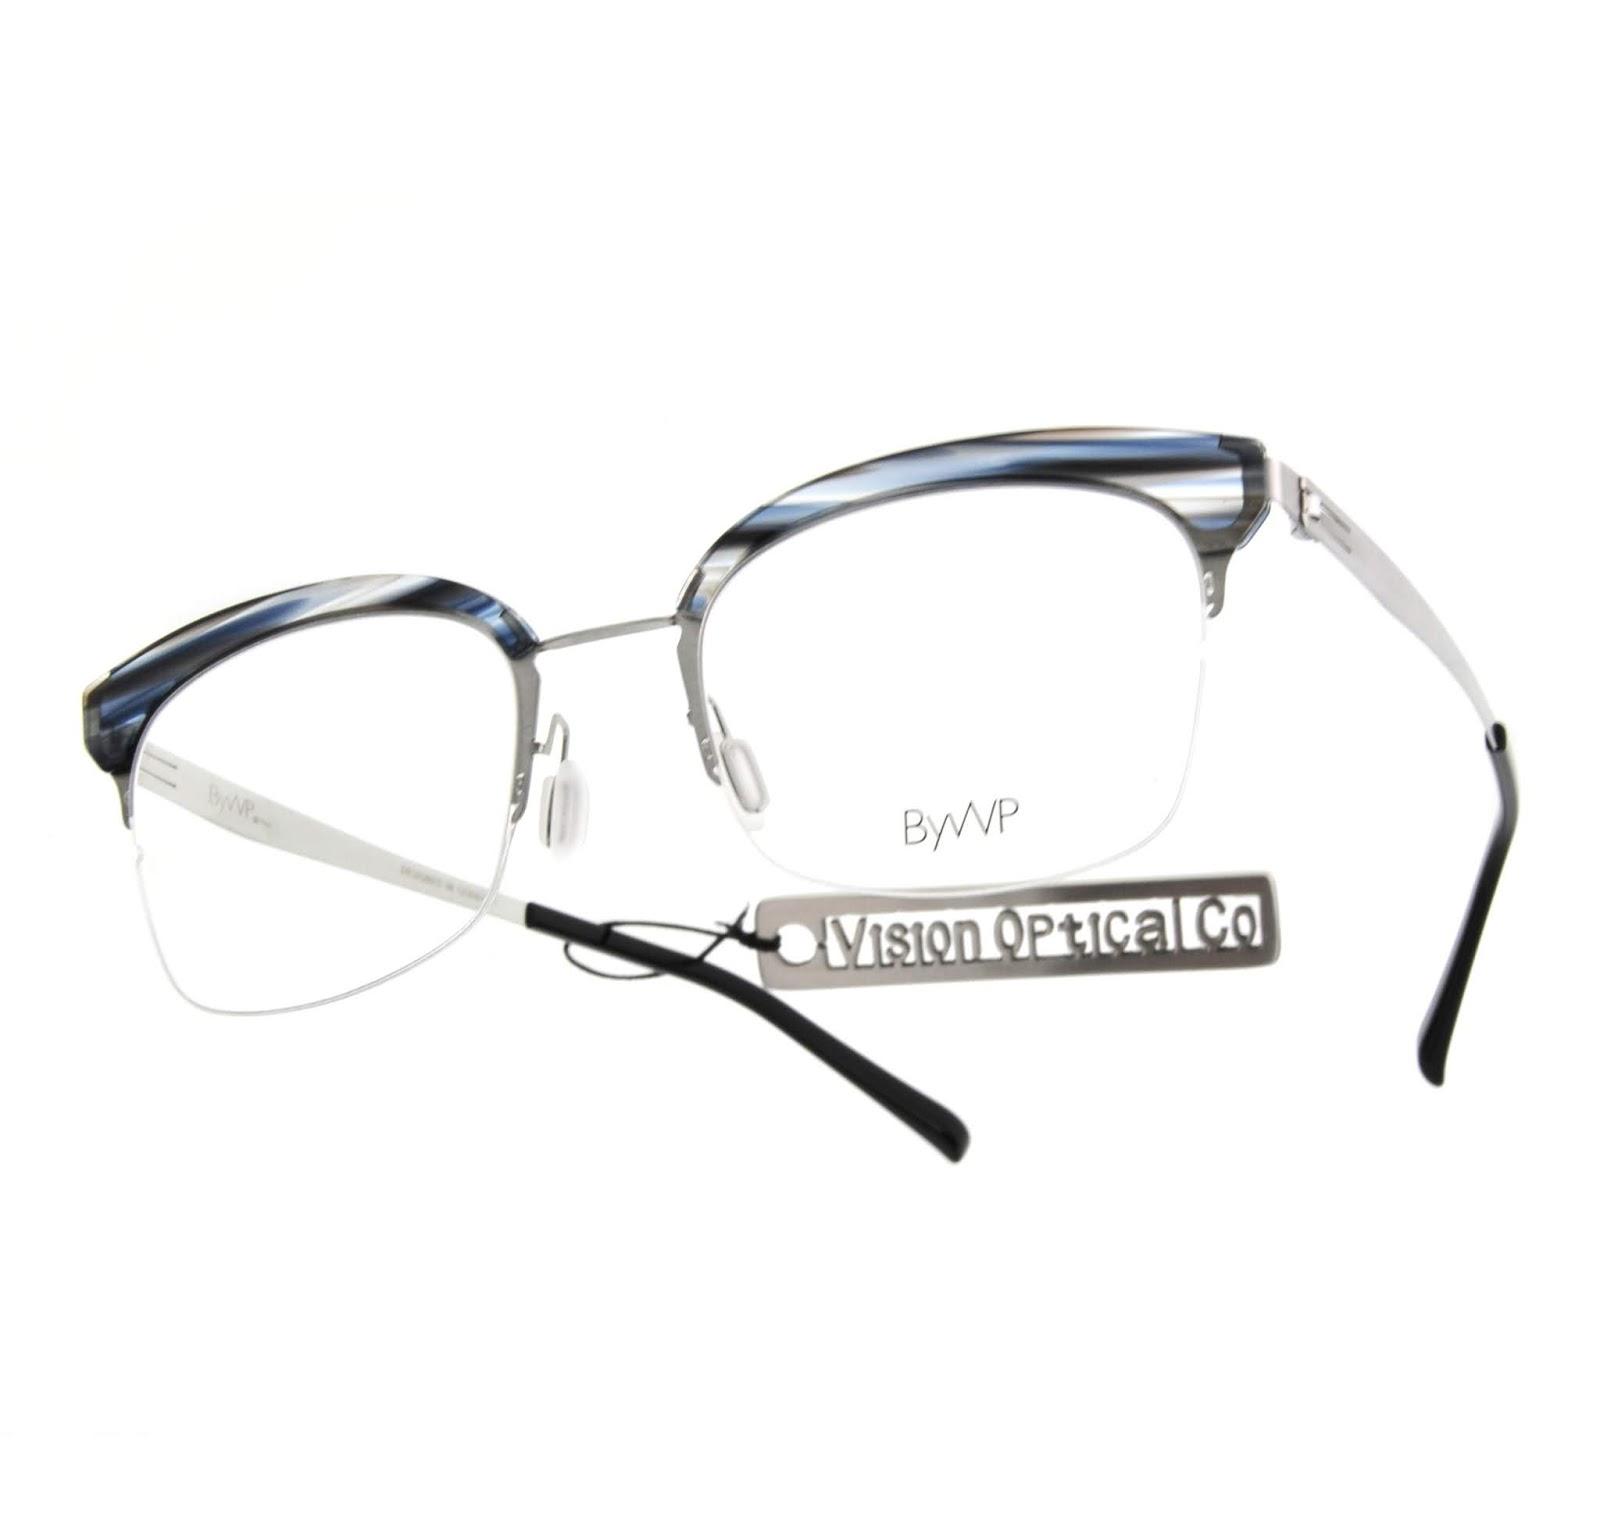 精明眼鏡公司: ByWP 0.5mm薄鋼片款式以濃重眉框配合略圓的半框設計